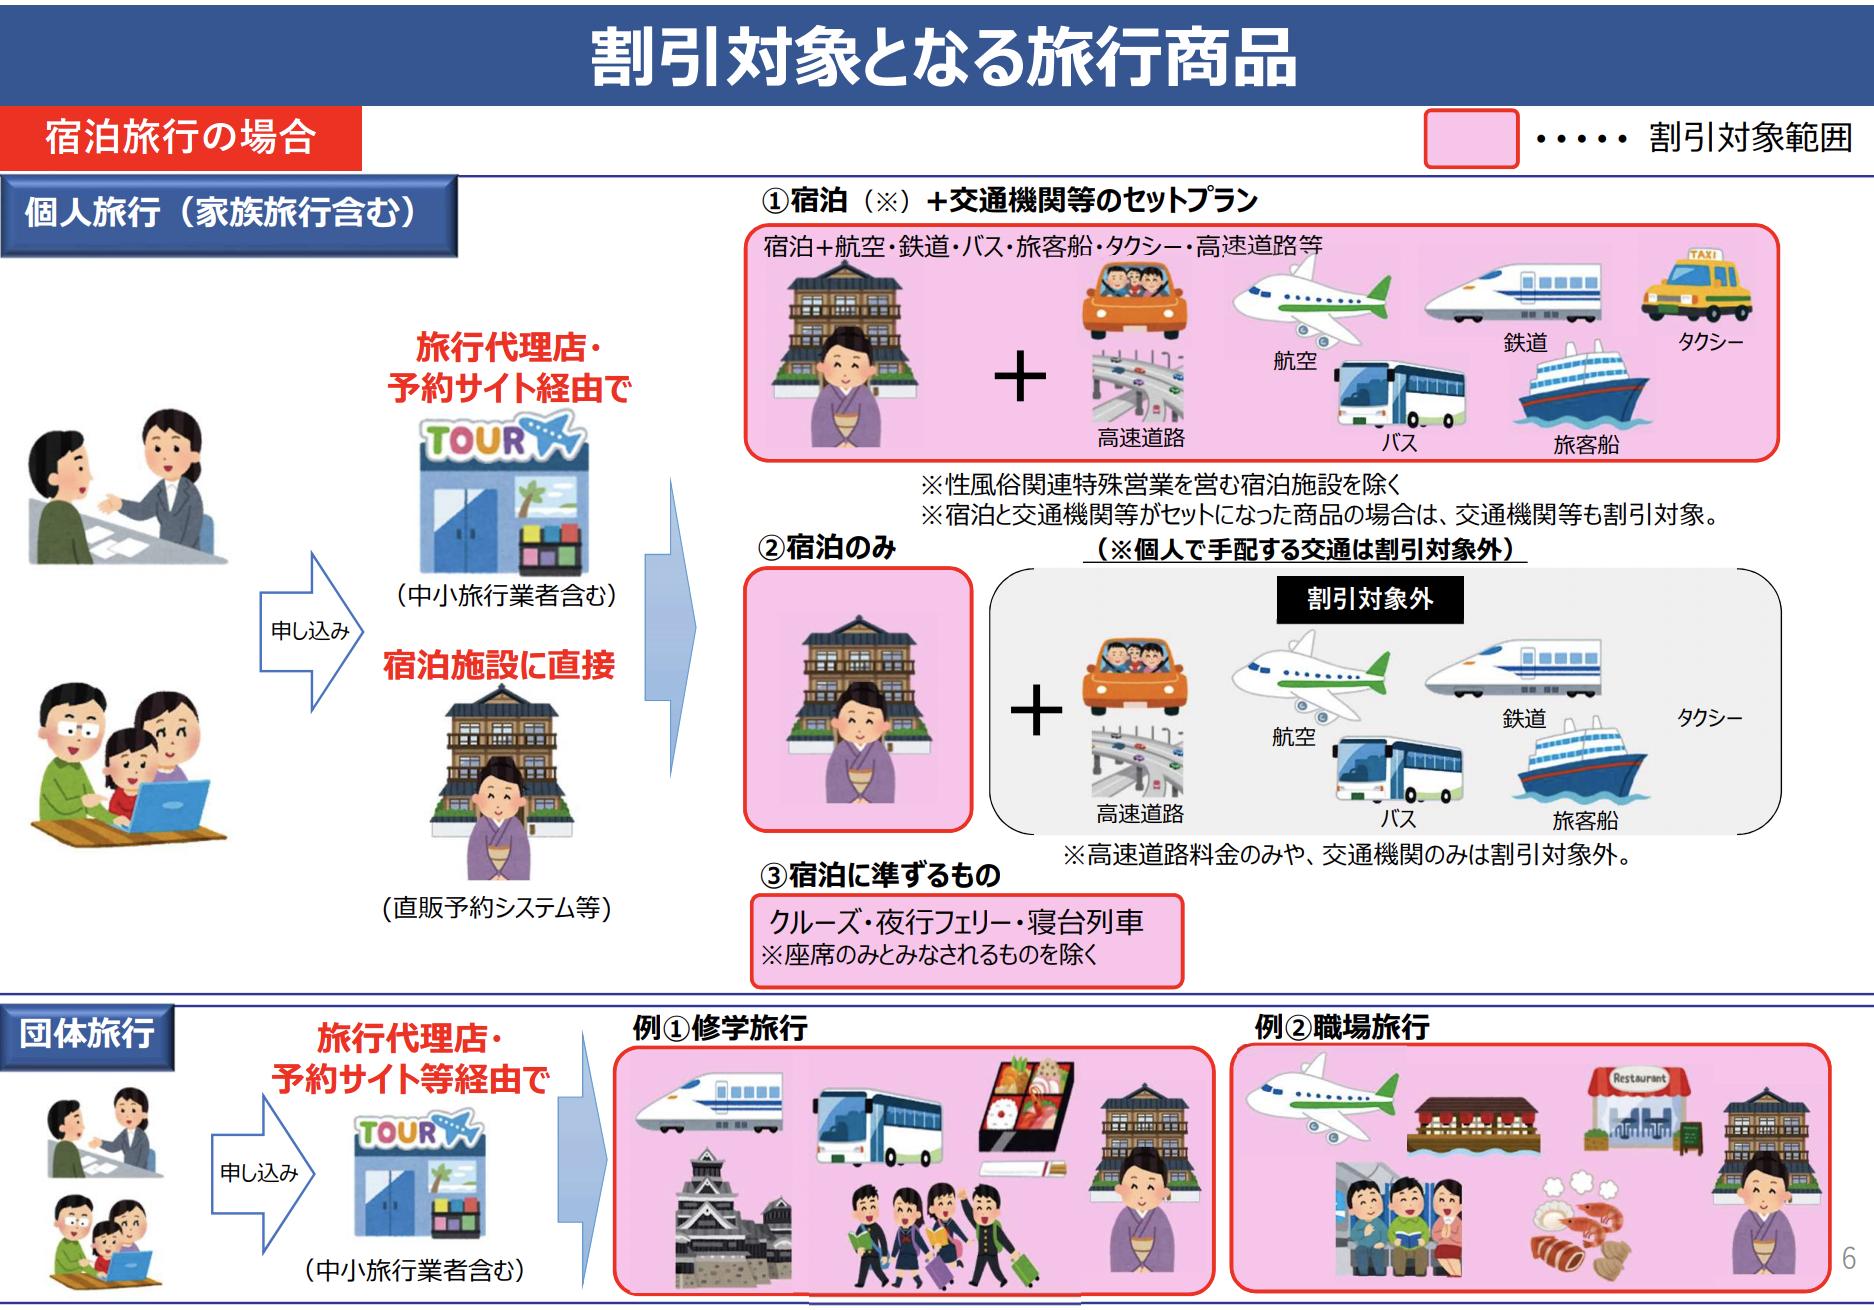 国土交通省観光庁GoToトラベルキャンペーン資料